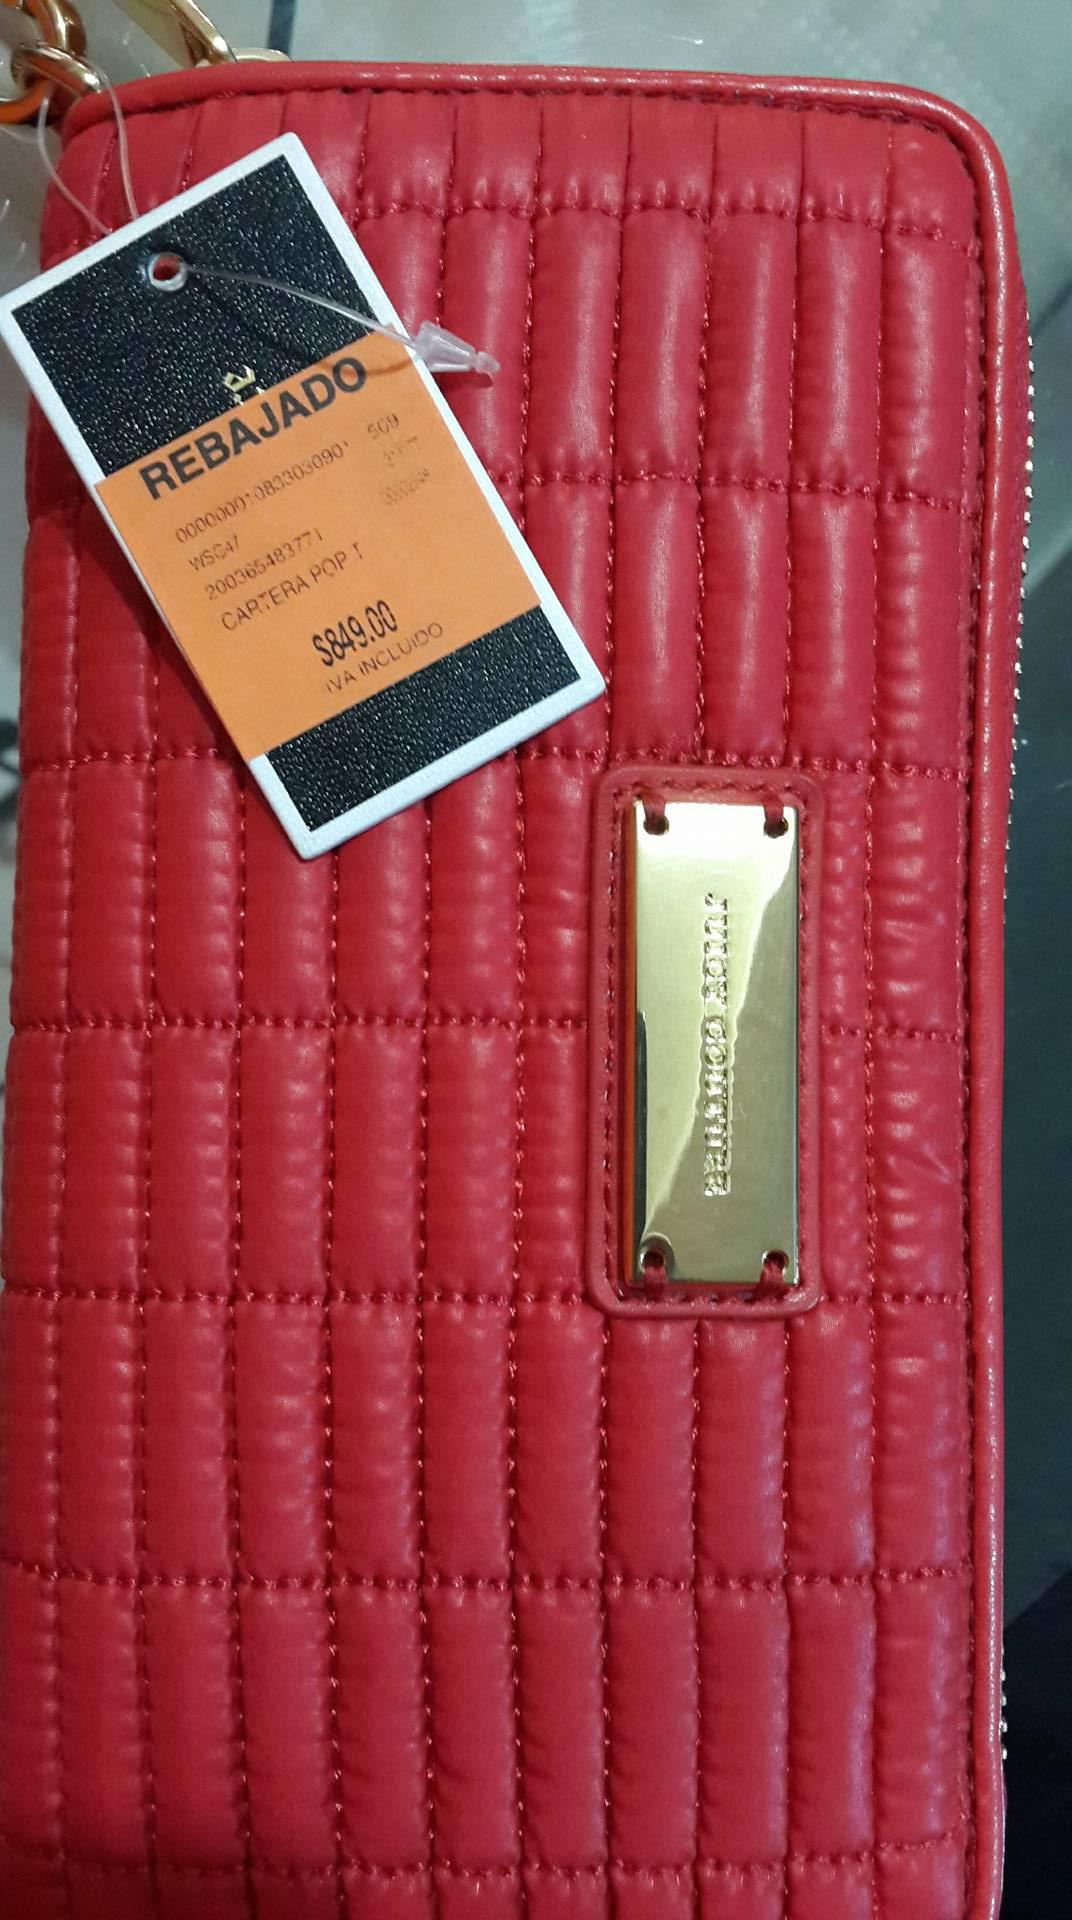 Palacio de Hierro Puebla: carteras Juice Couture de $2290 a $849 y 13 meses sin interes con tarjeta Palacio (Días martes)